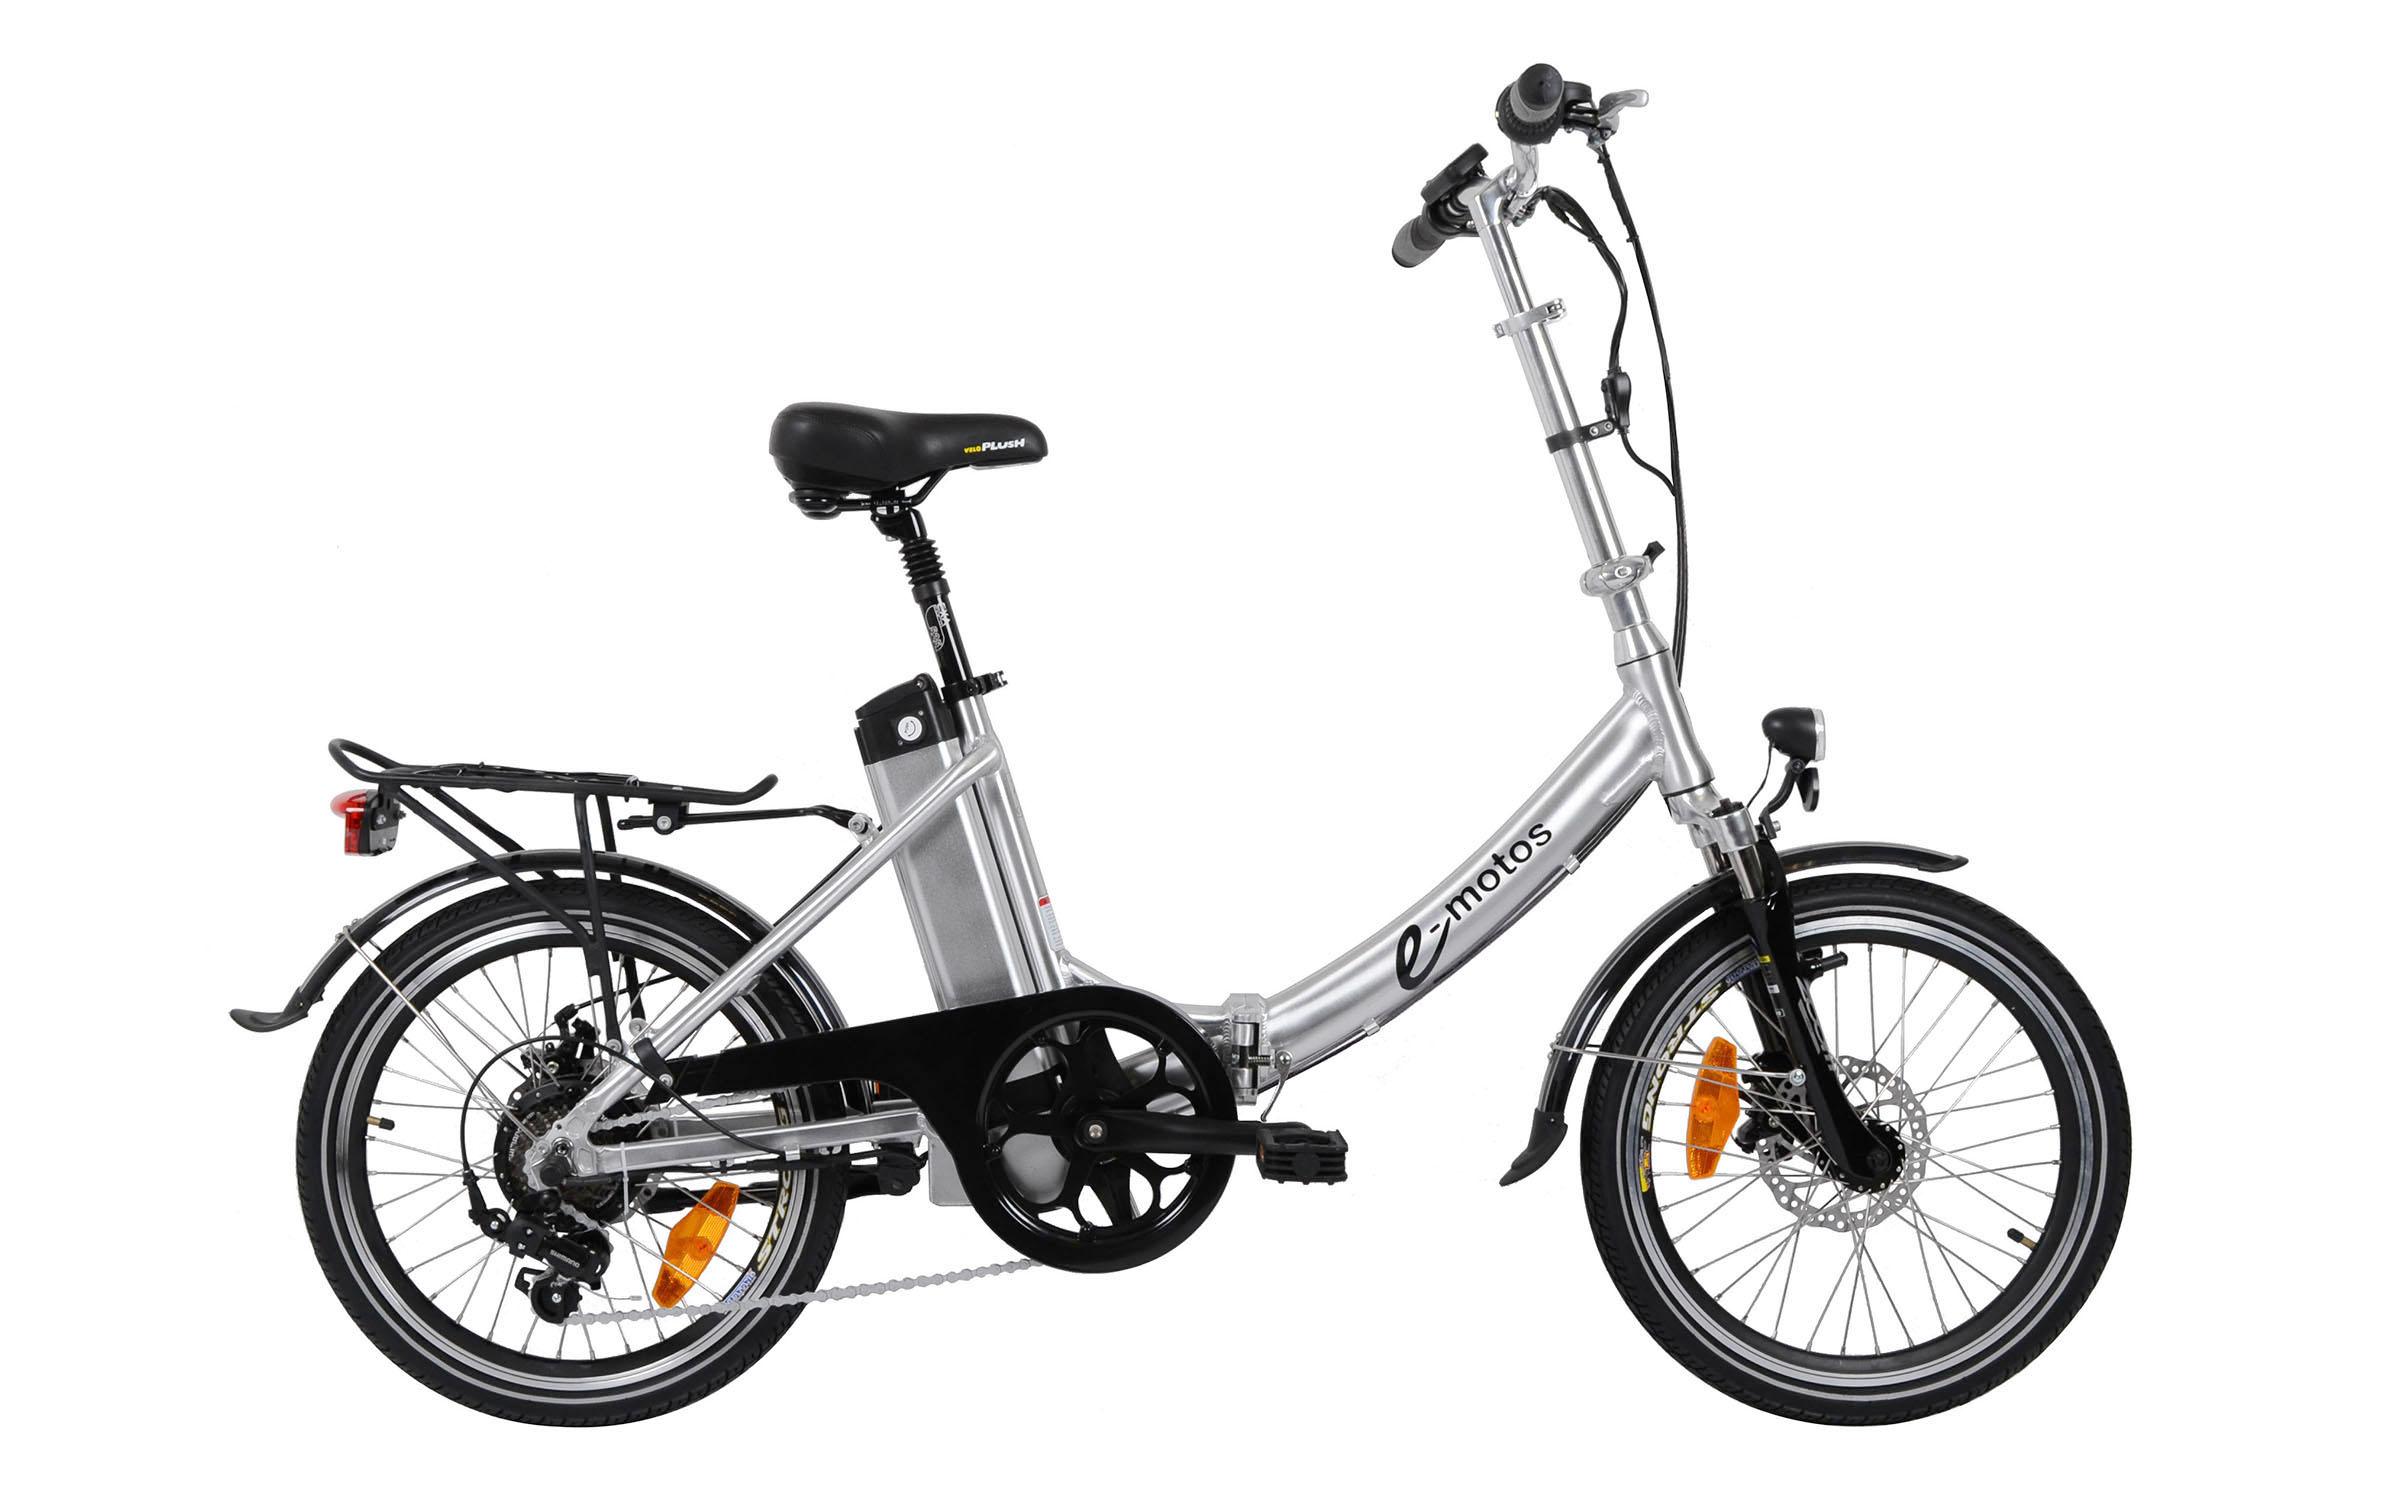 ff1f61703c02ca E-motos Alu Pedelec K20 Faltrad Klapprad E-Bike 17Ah Panasonic A ...